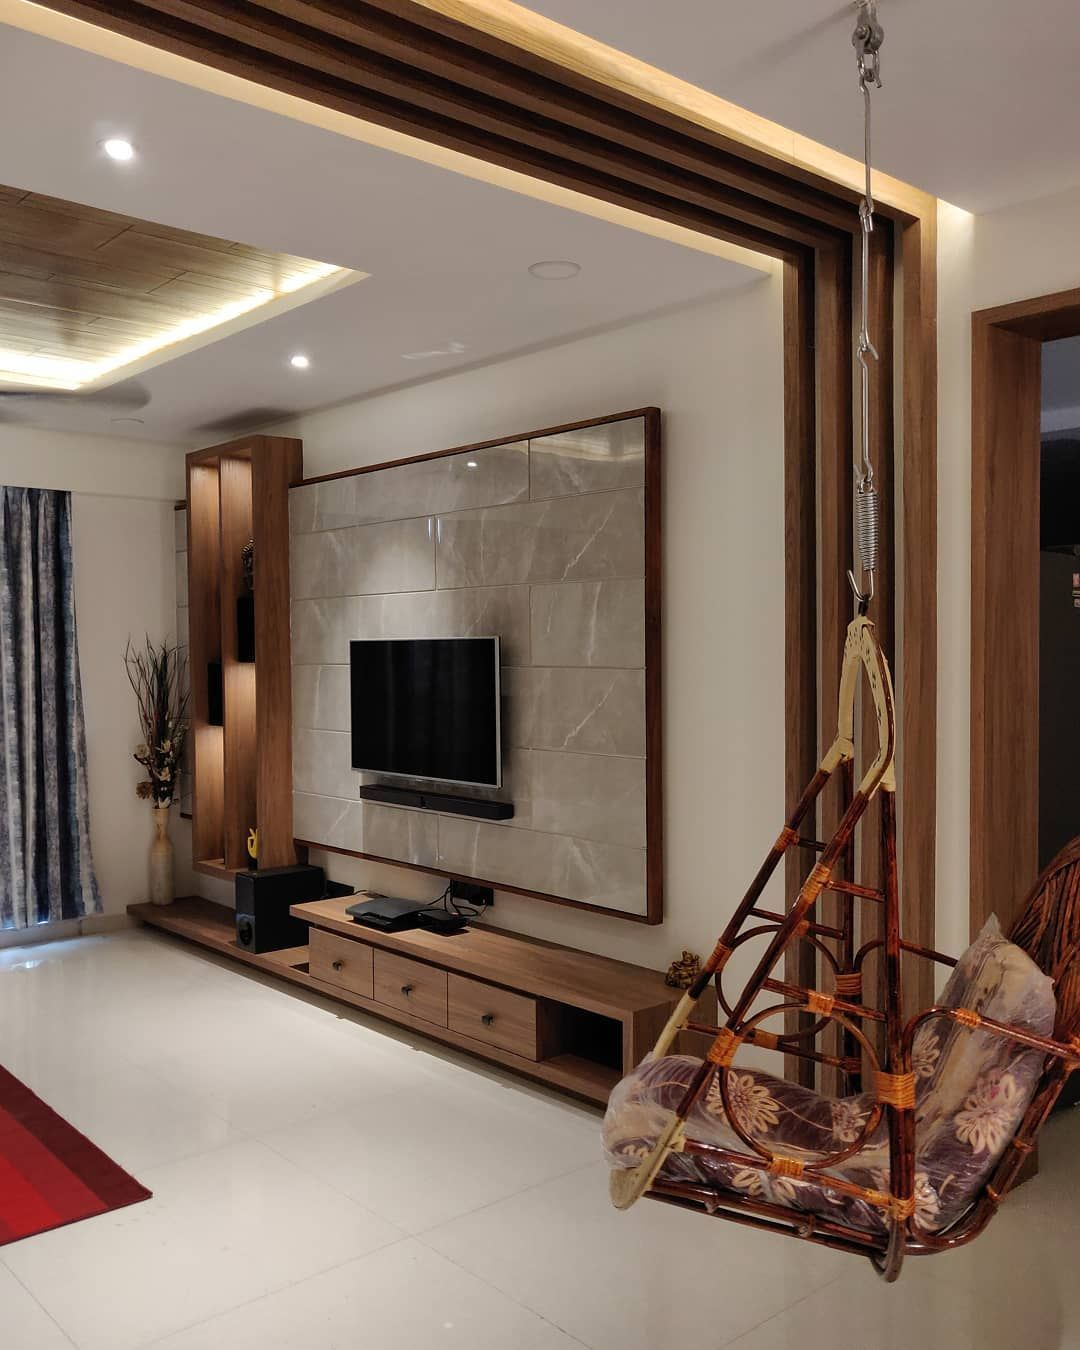 Modern Led Design Wohnideen Schlafzimmer Wohnzimmer Wohnung Dekoration Hausdeko Living Room Partition Design Living Room Partition Room Partition Designs